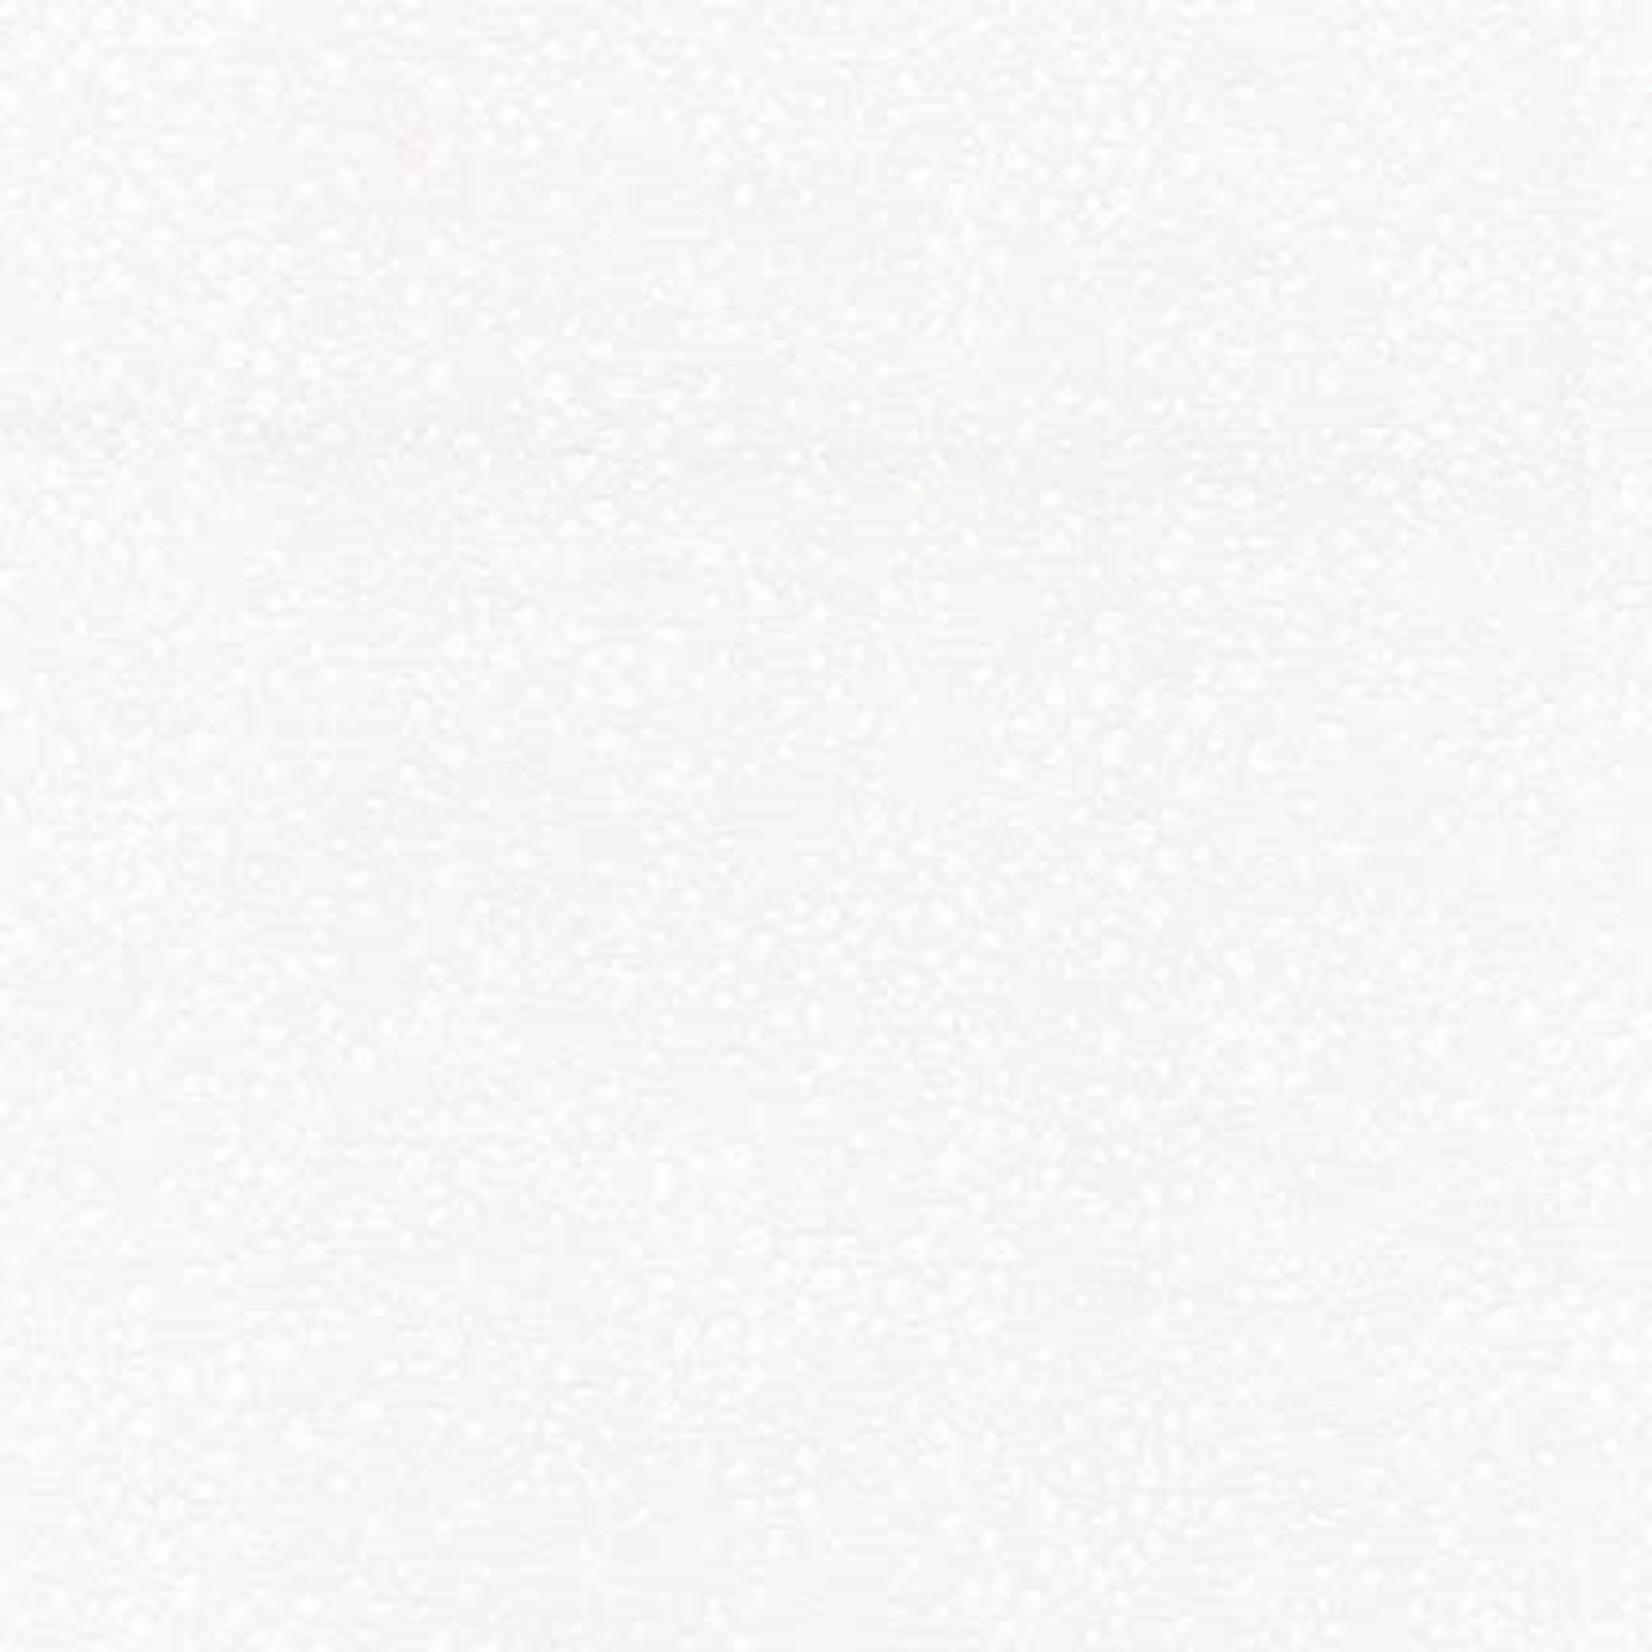 ROBERT KAUFMAN PER CM OR $21/M PEN & INK 2 18313